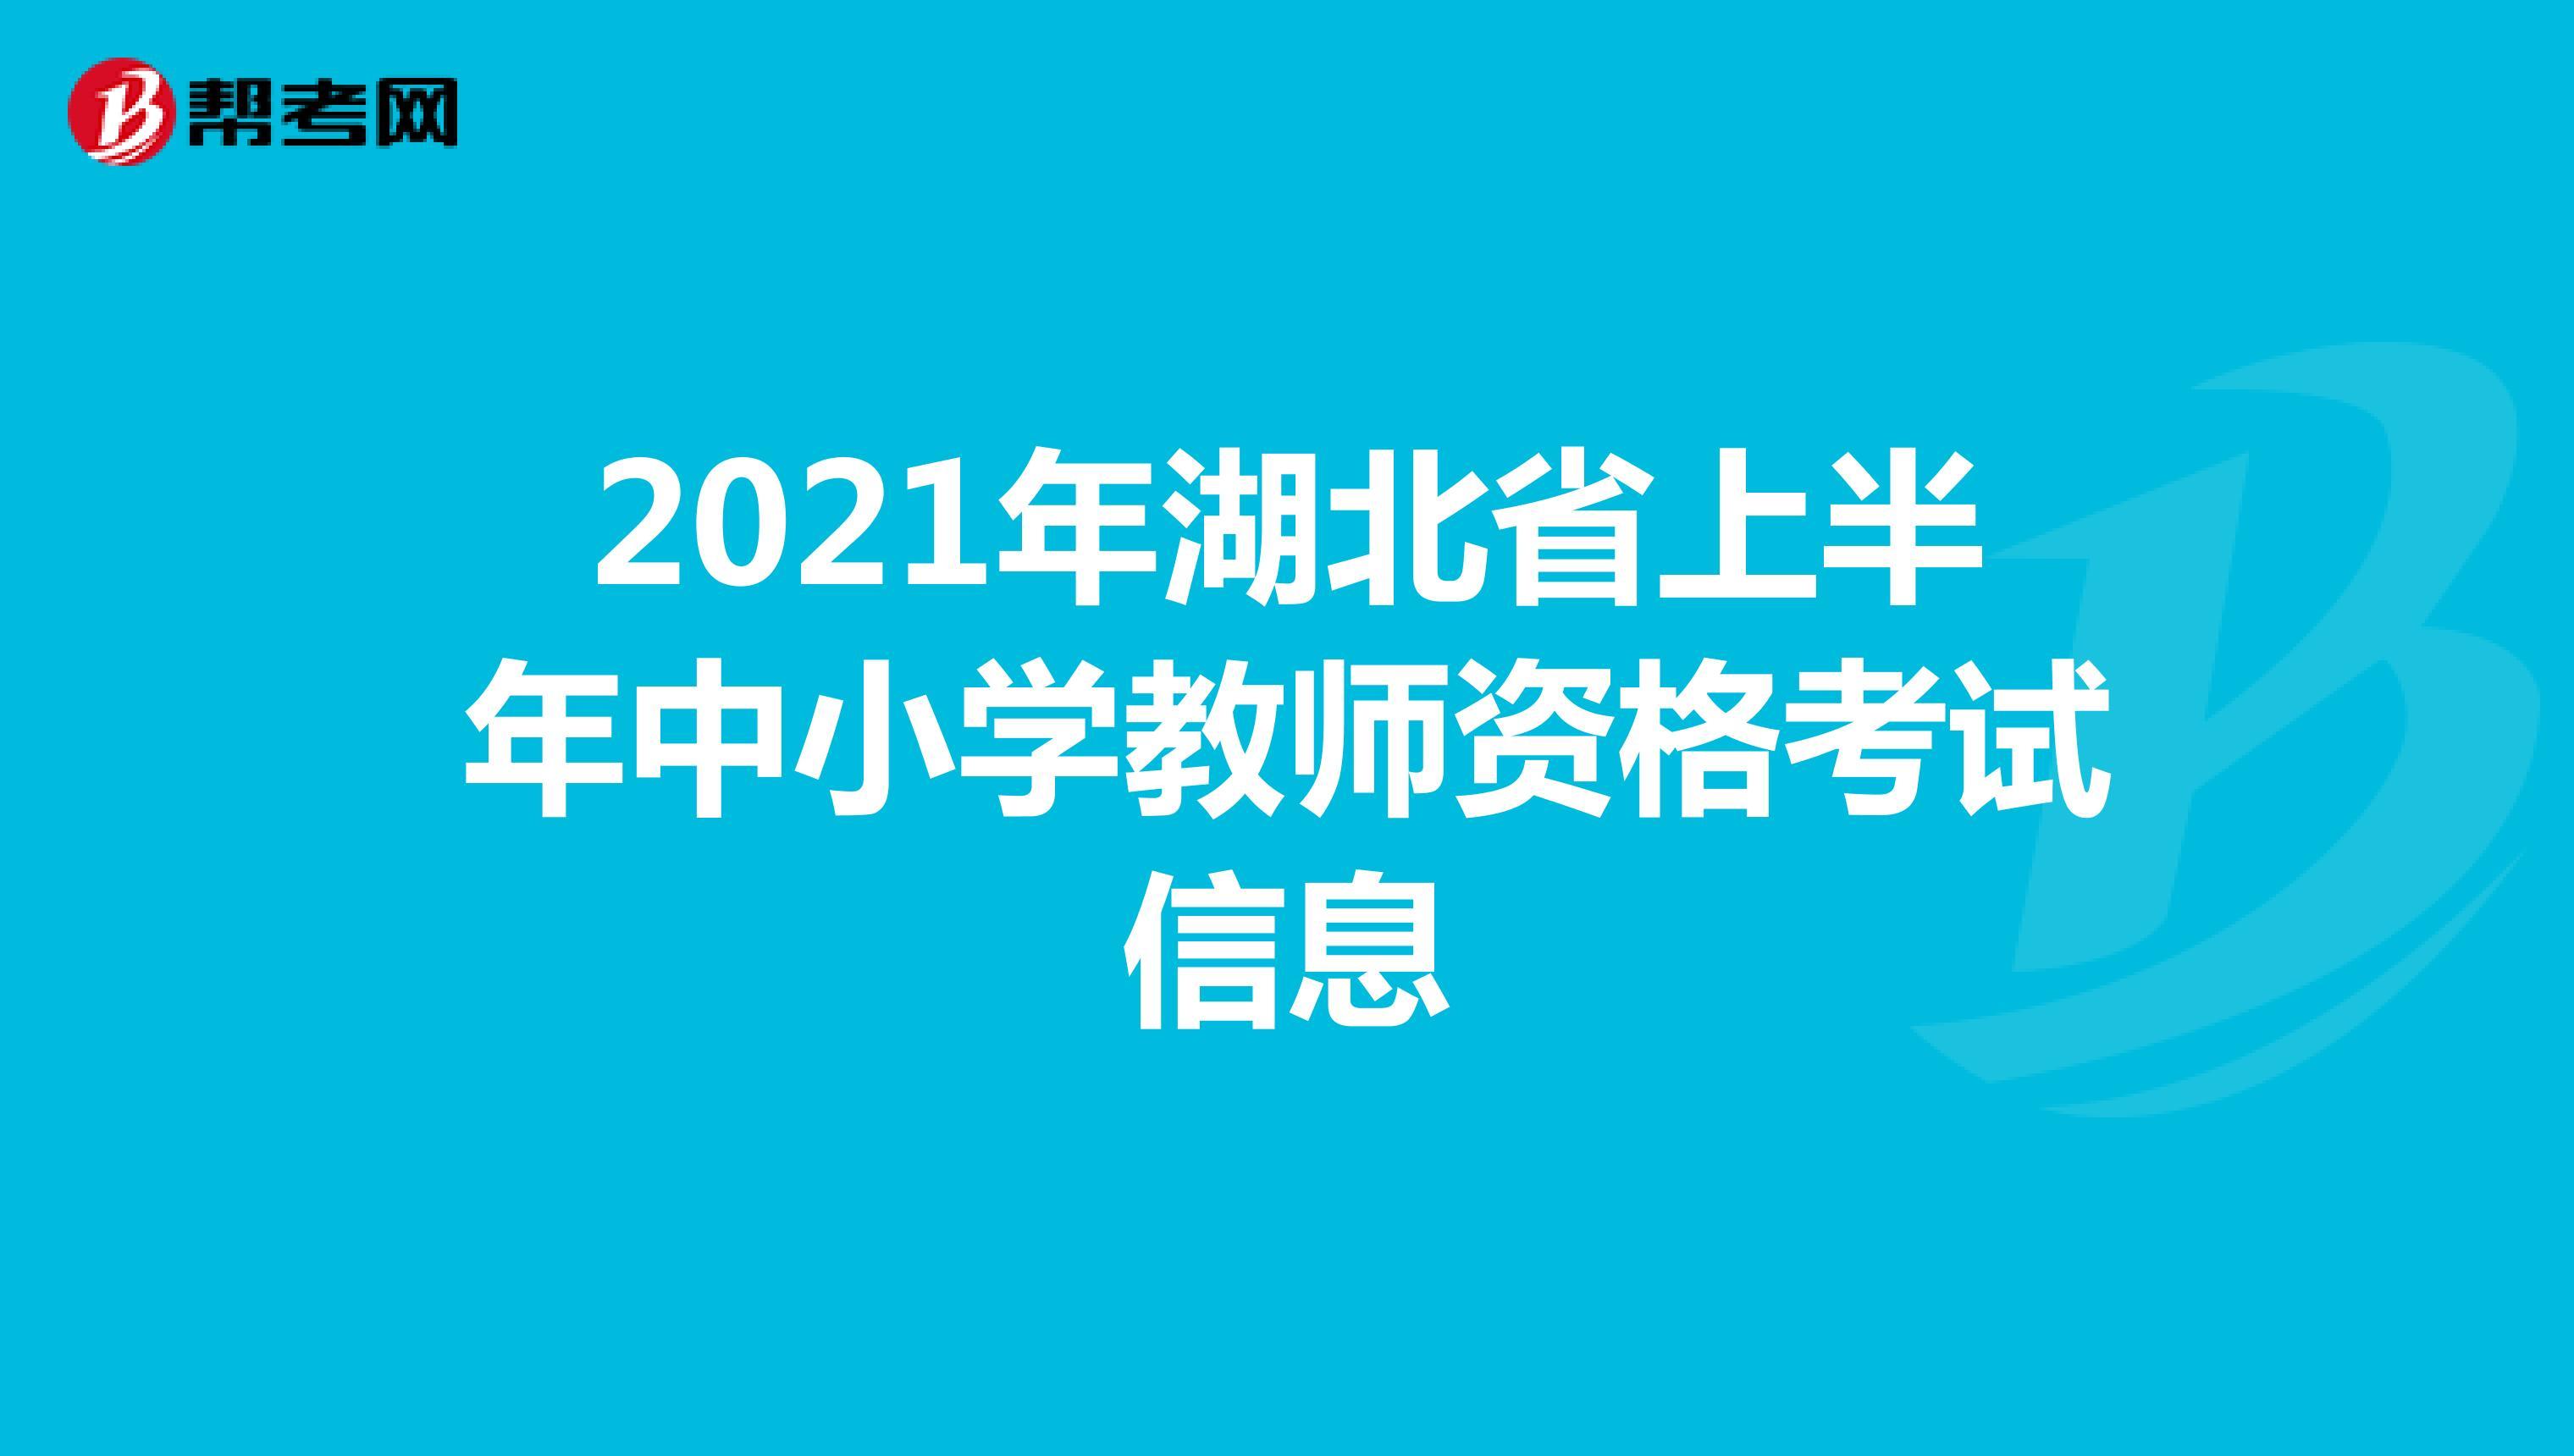 2021年湖北省上半年中小學教師資格考試信息